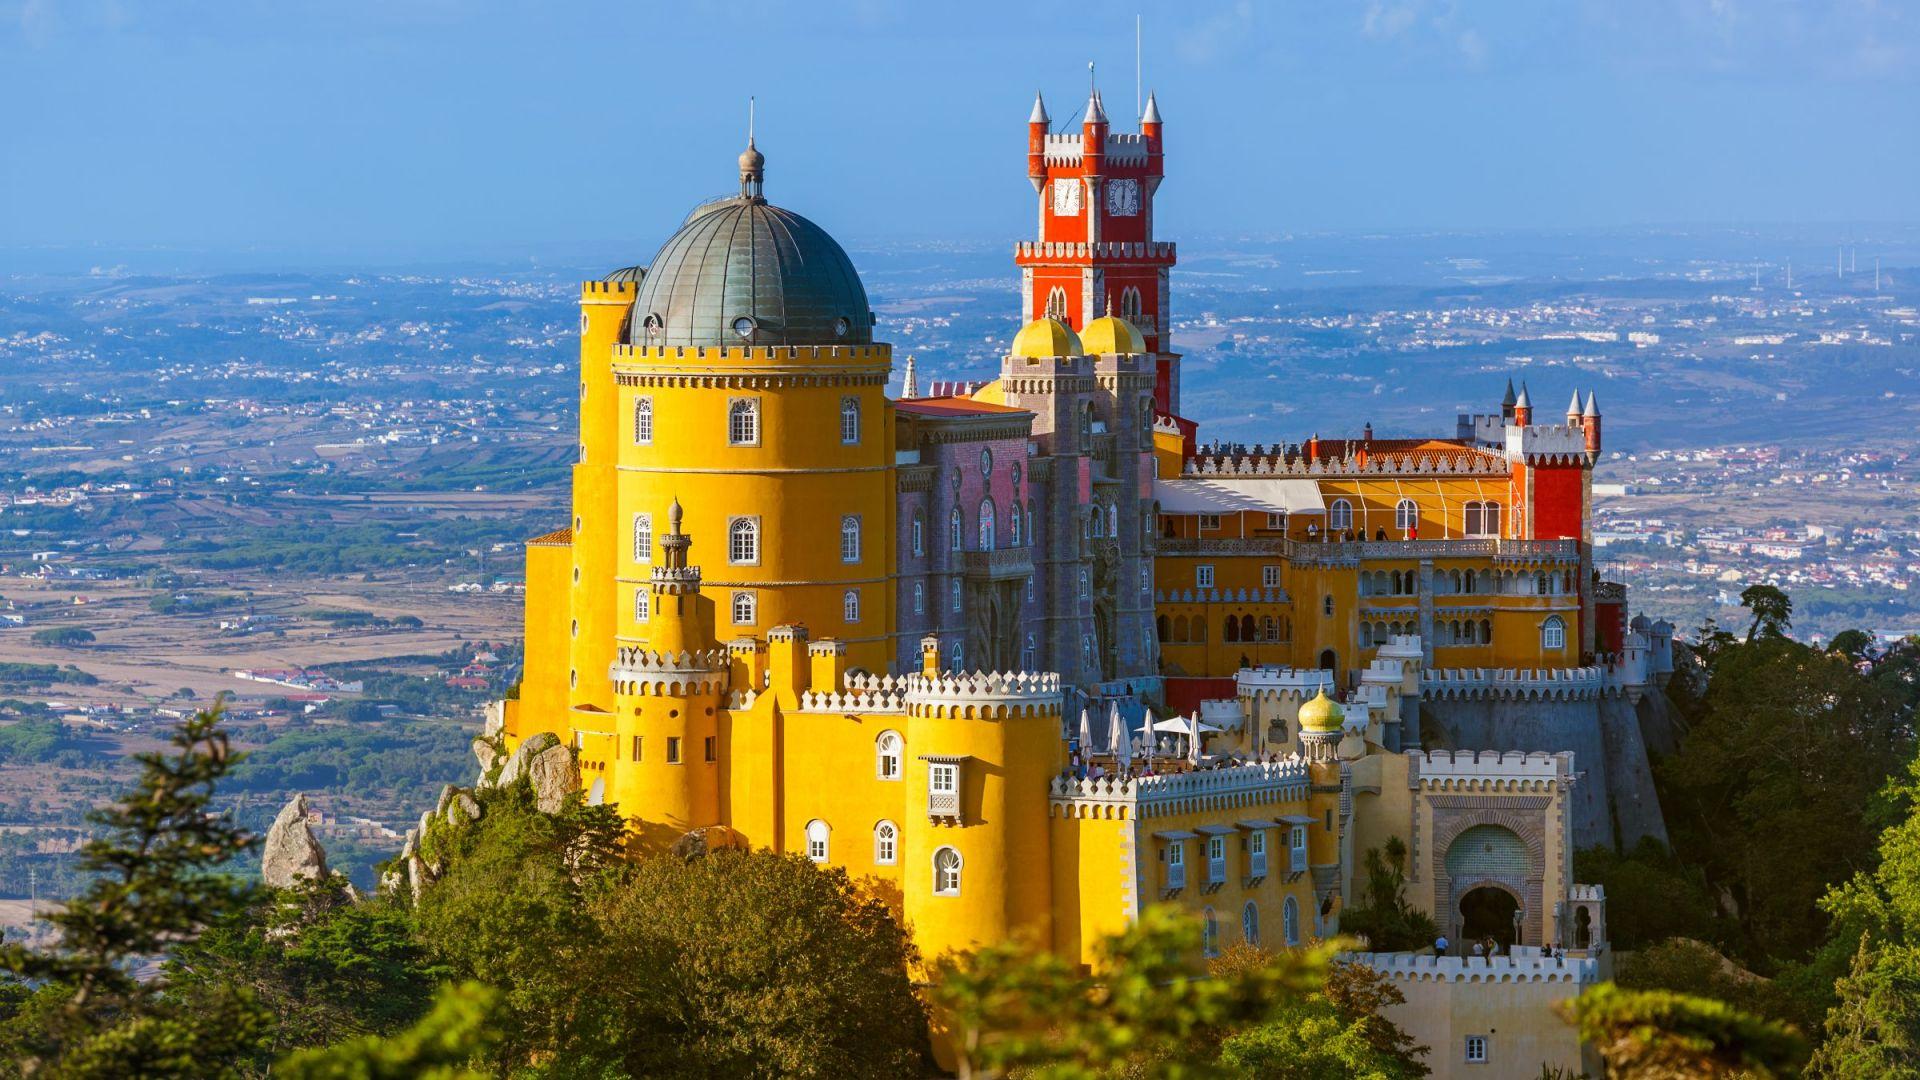 Het Pena Paleis in Sintra - Palácio da Pena